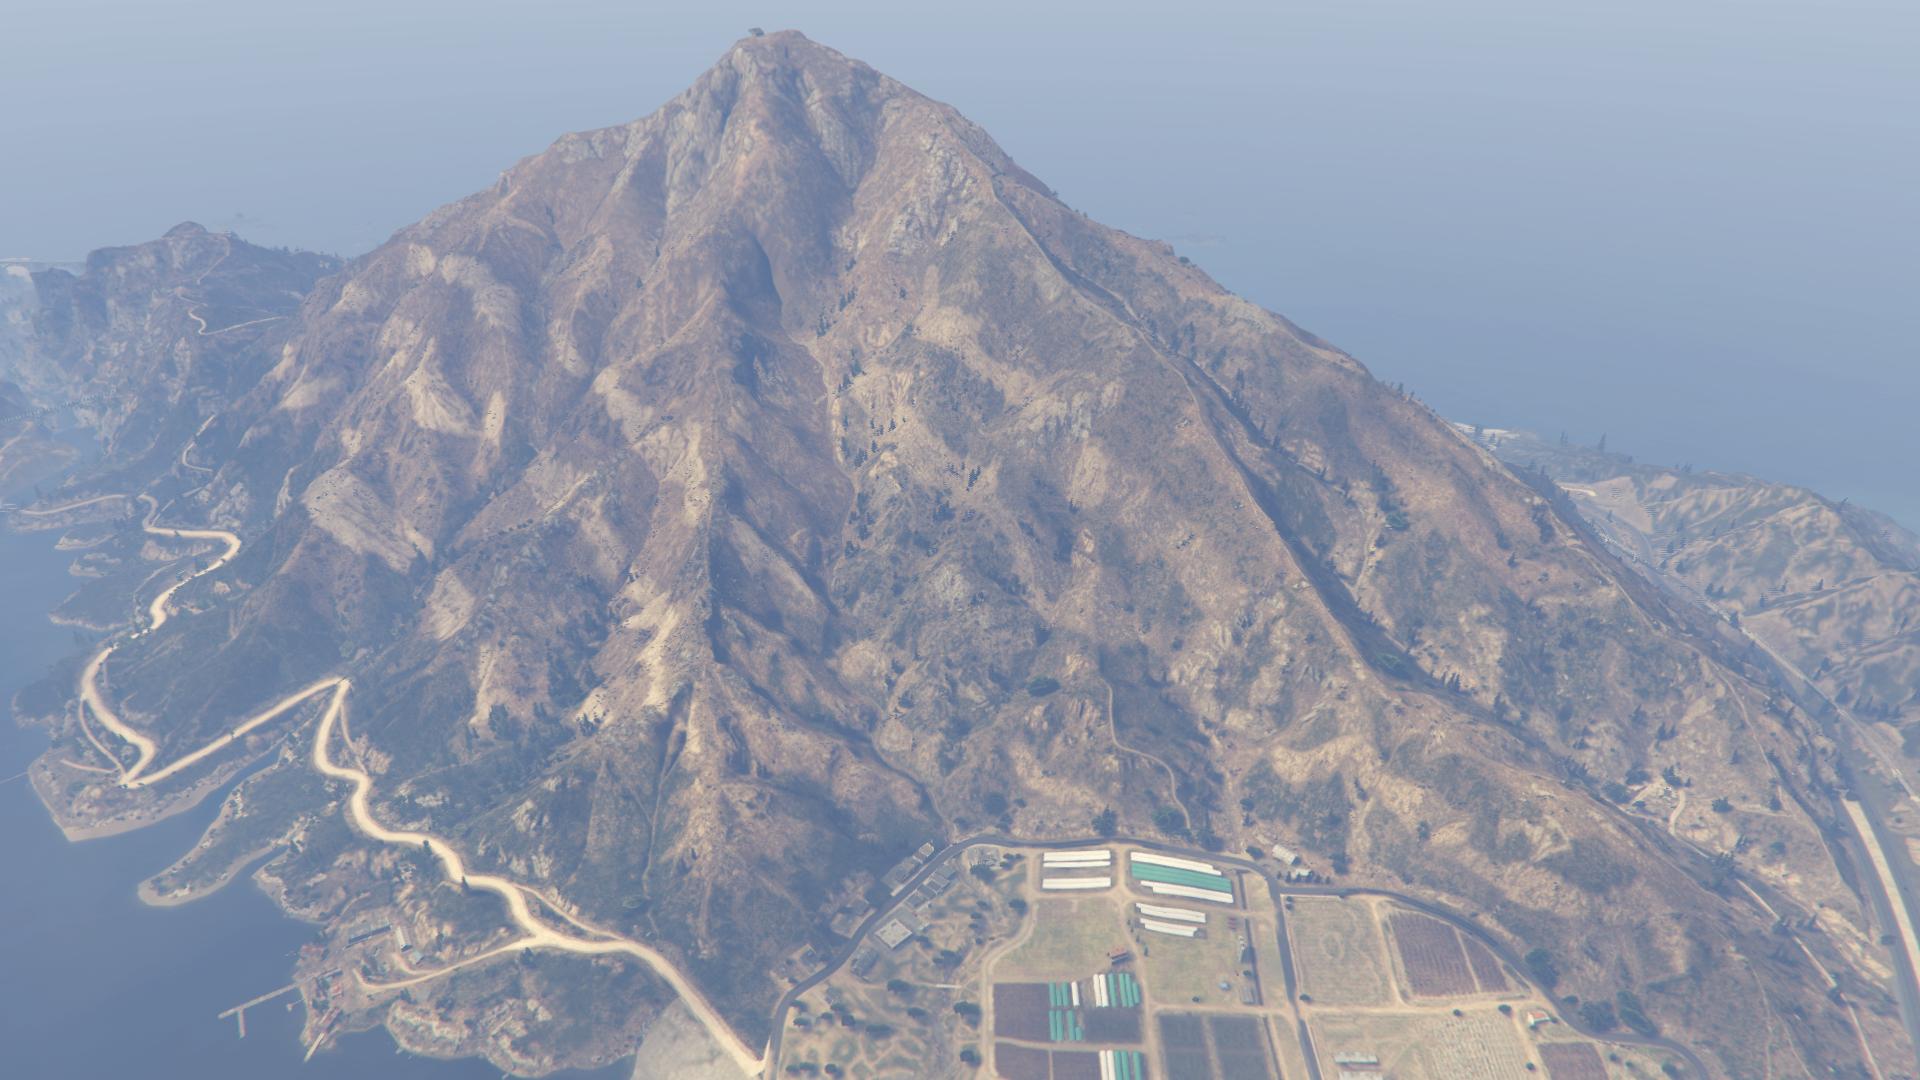 Mount Chiliad | GTA Myths Wiki | FANDOM powered by Wikia